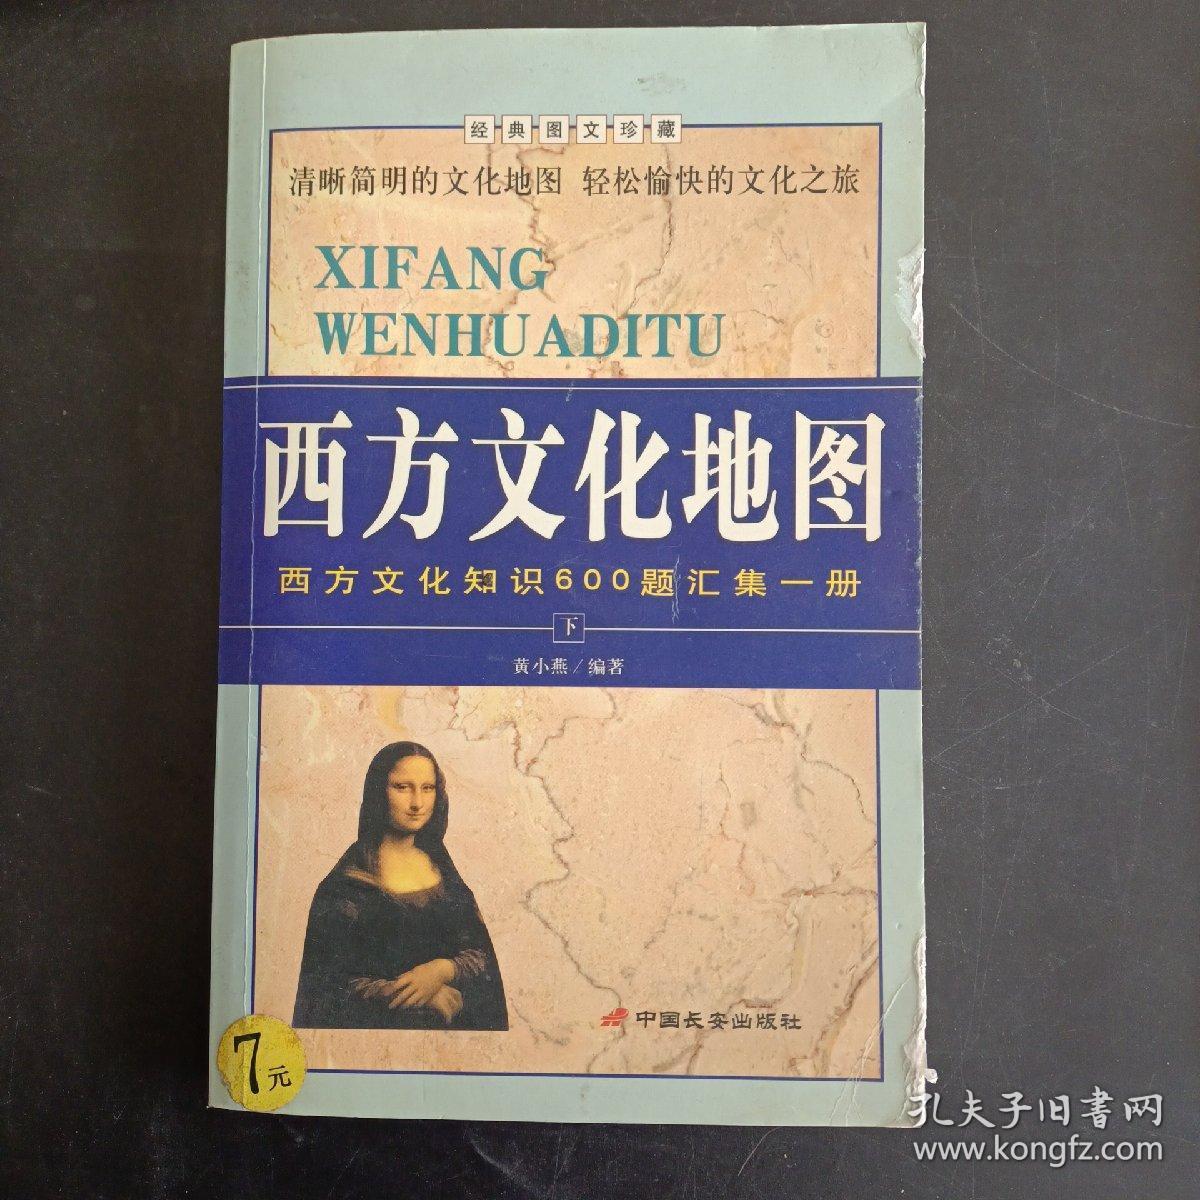 西方文化地图